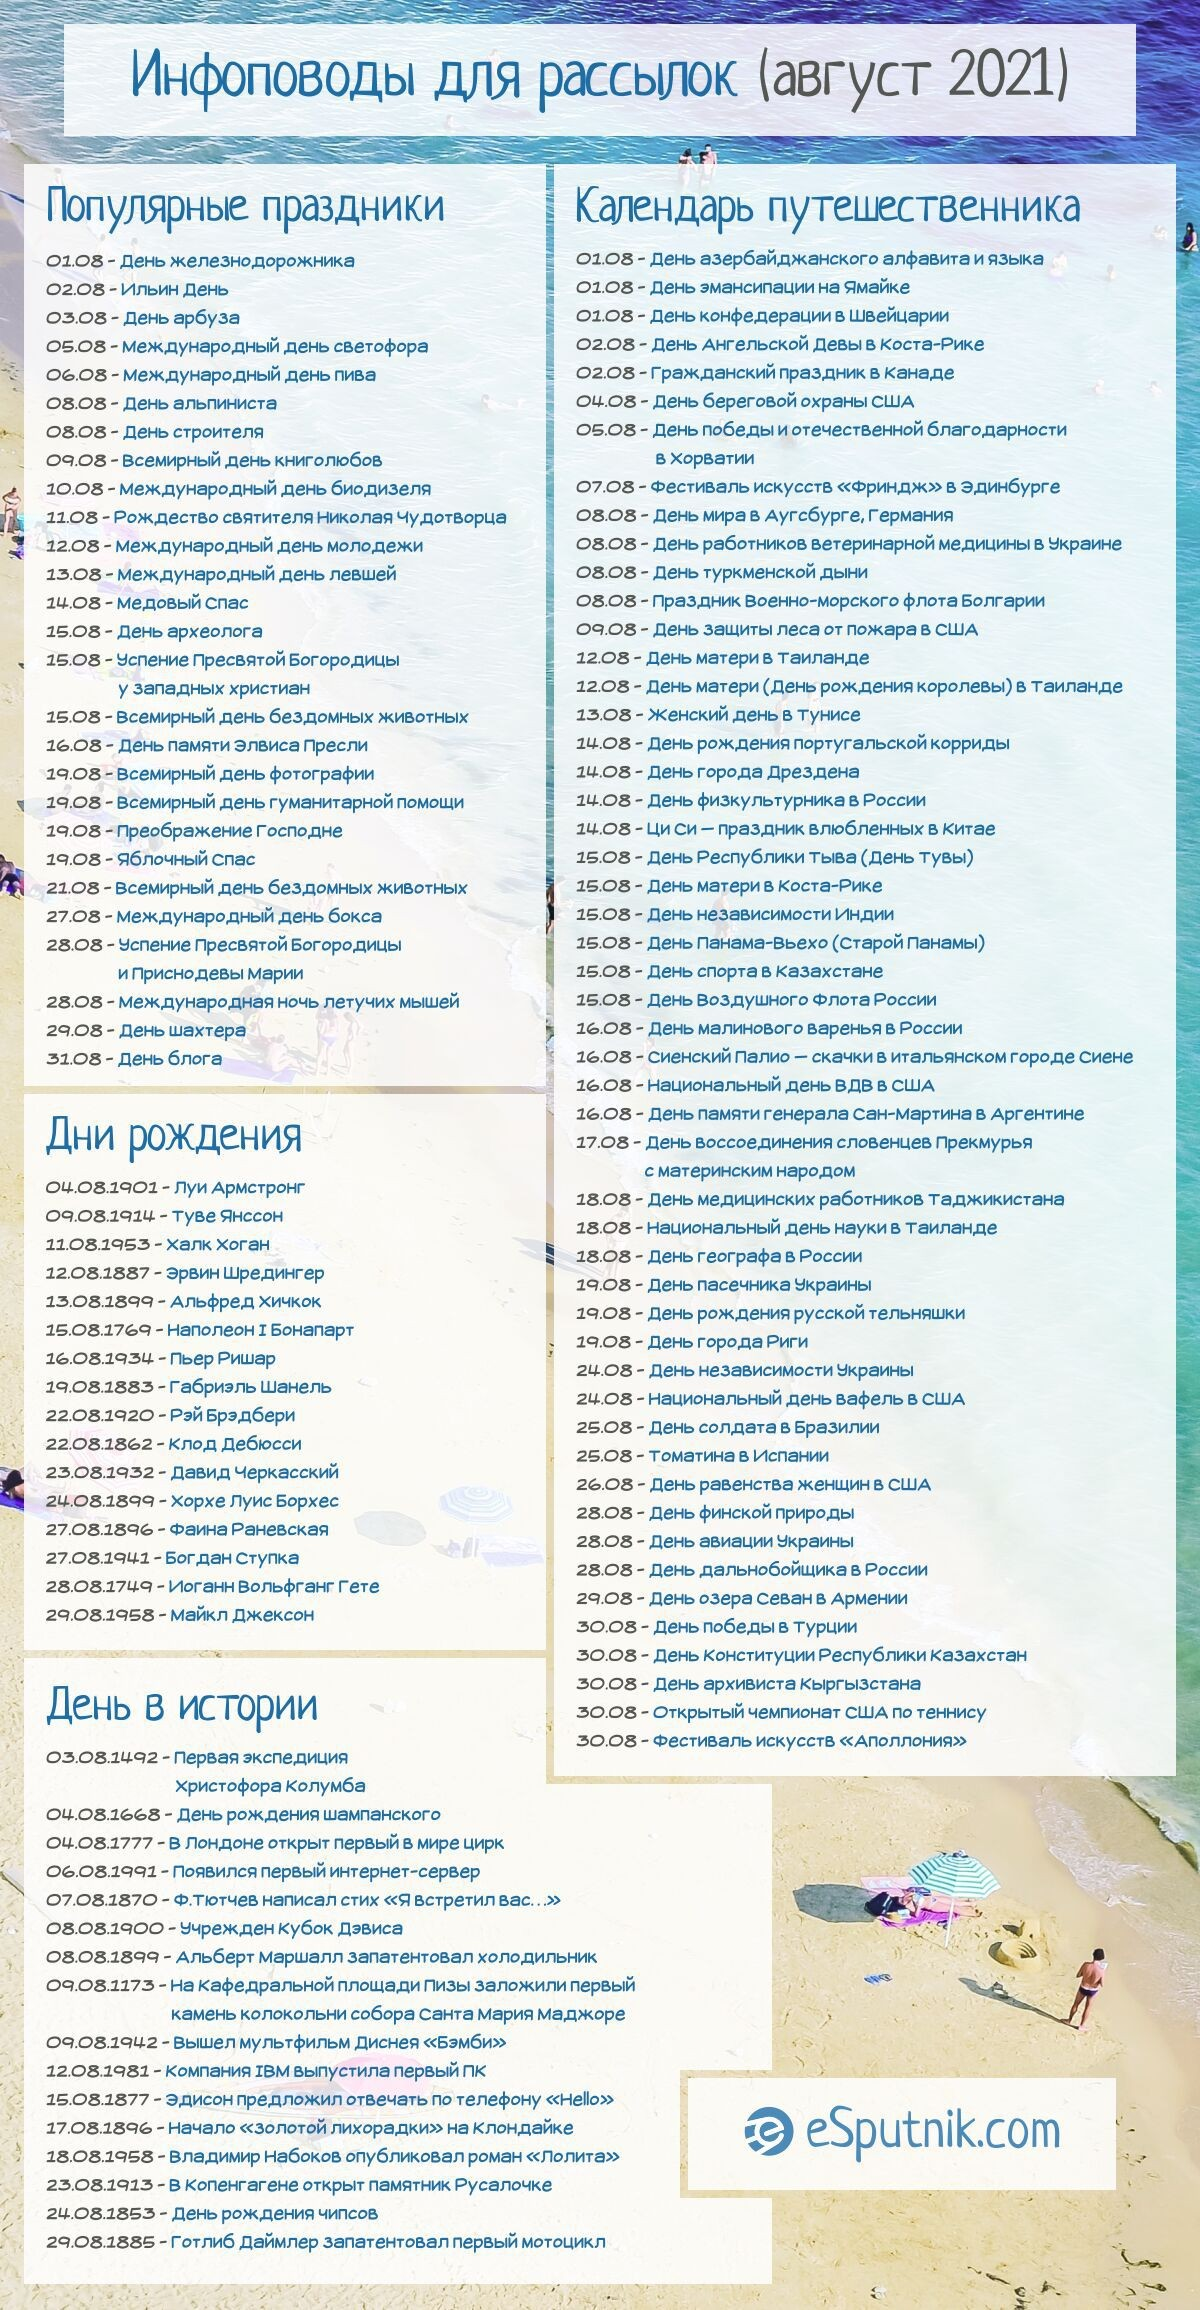 Календарь инфоповодов на август 2021